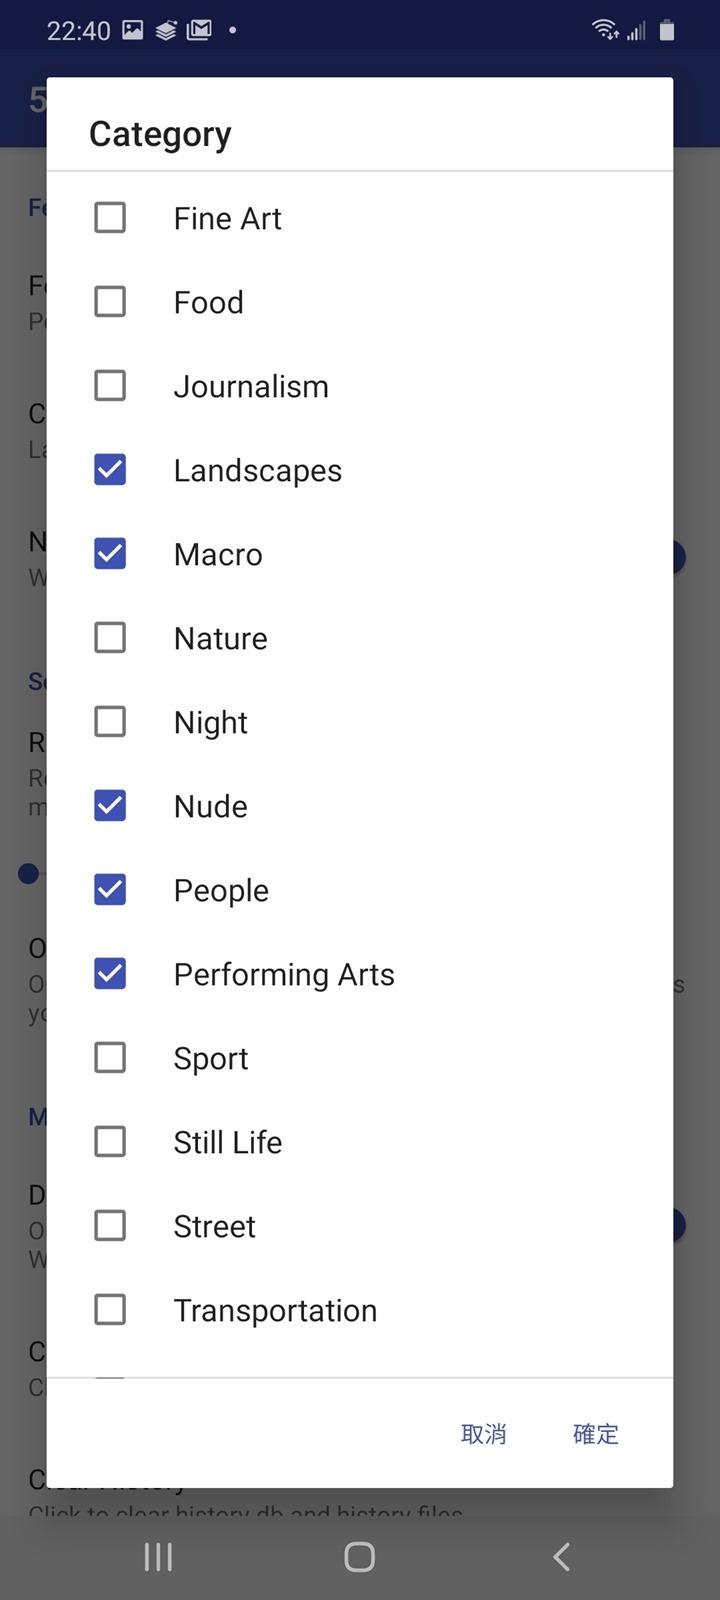 4 個最推薦的 Android 桌布自動下載軟體(上班不要看 NSFW 版本)@3C 達人廖阿輝